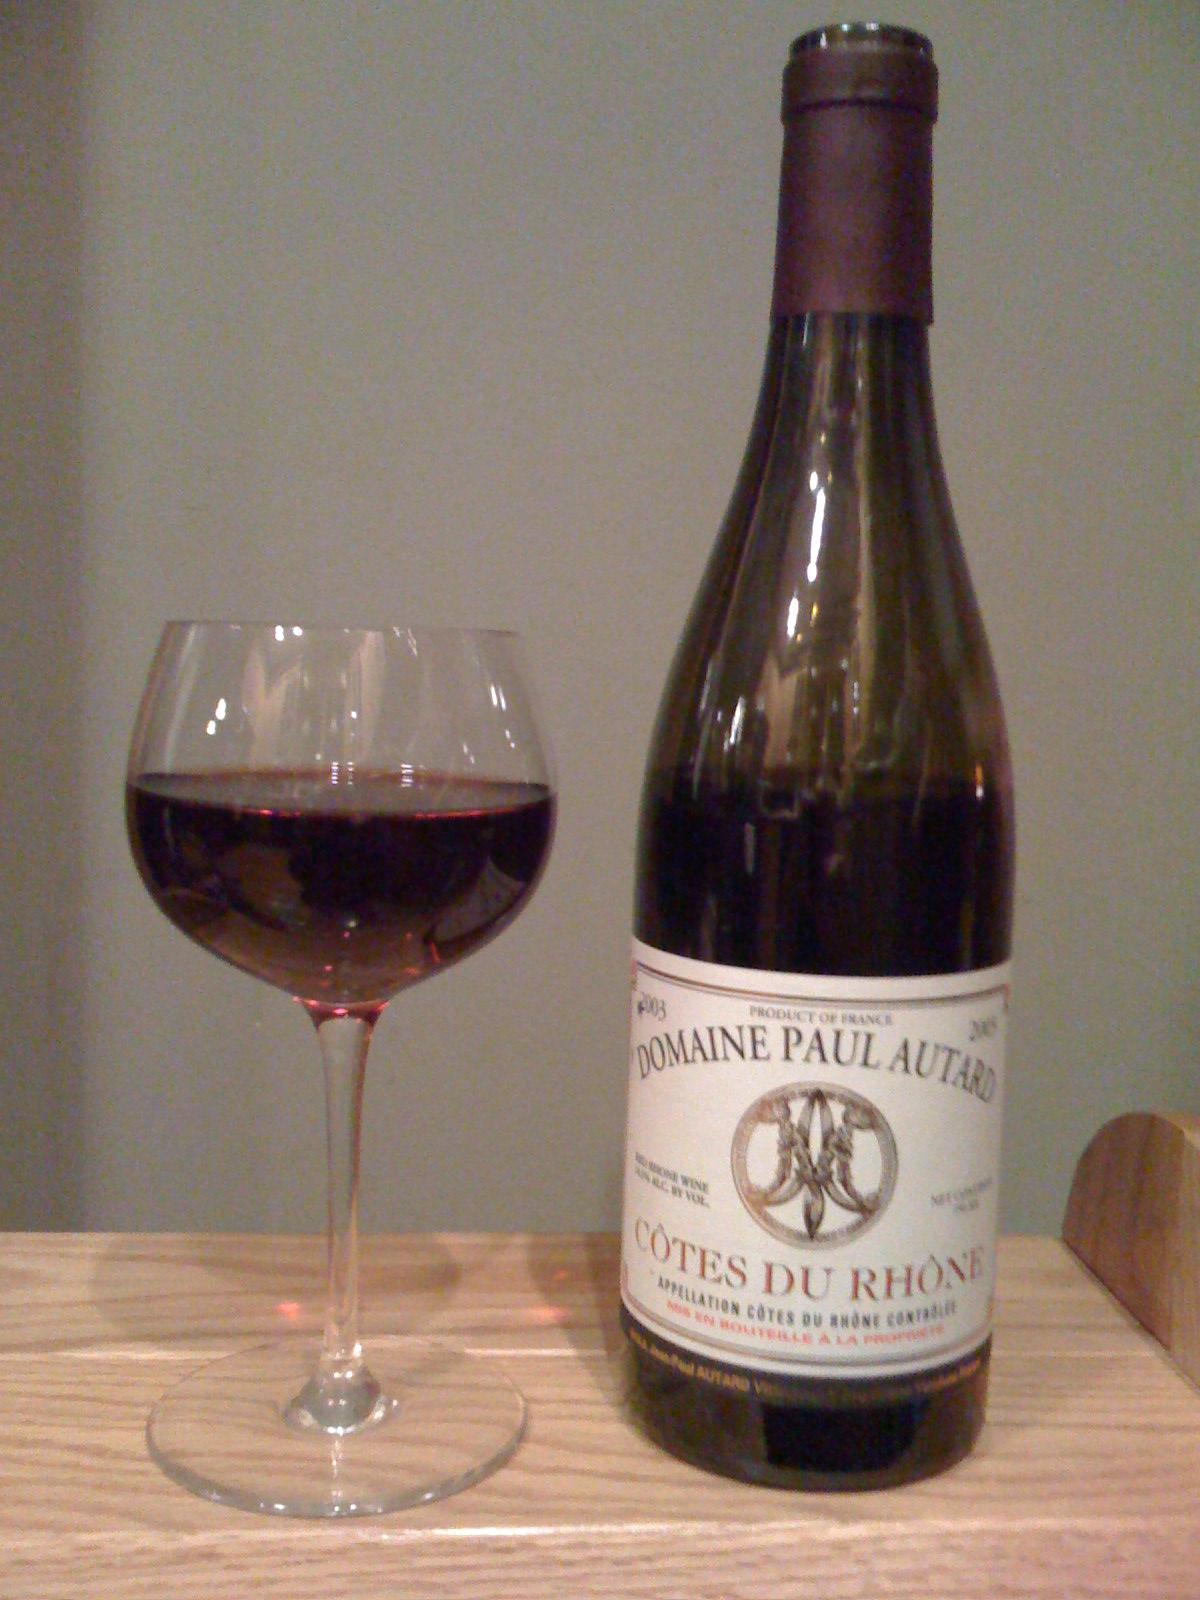 Domaine Paul Autard Côtes du Rhône (2003)